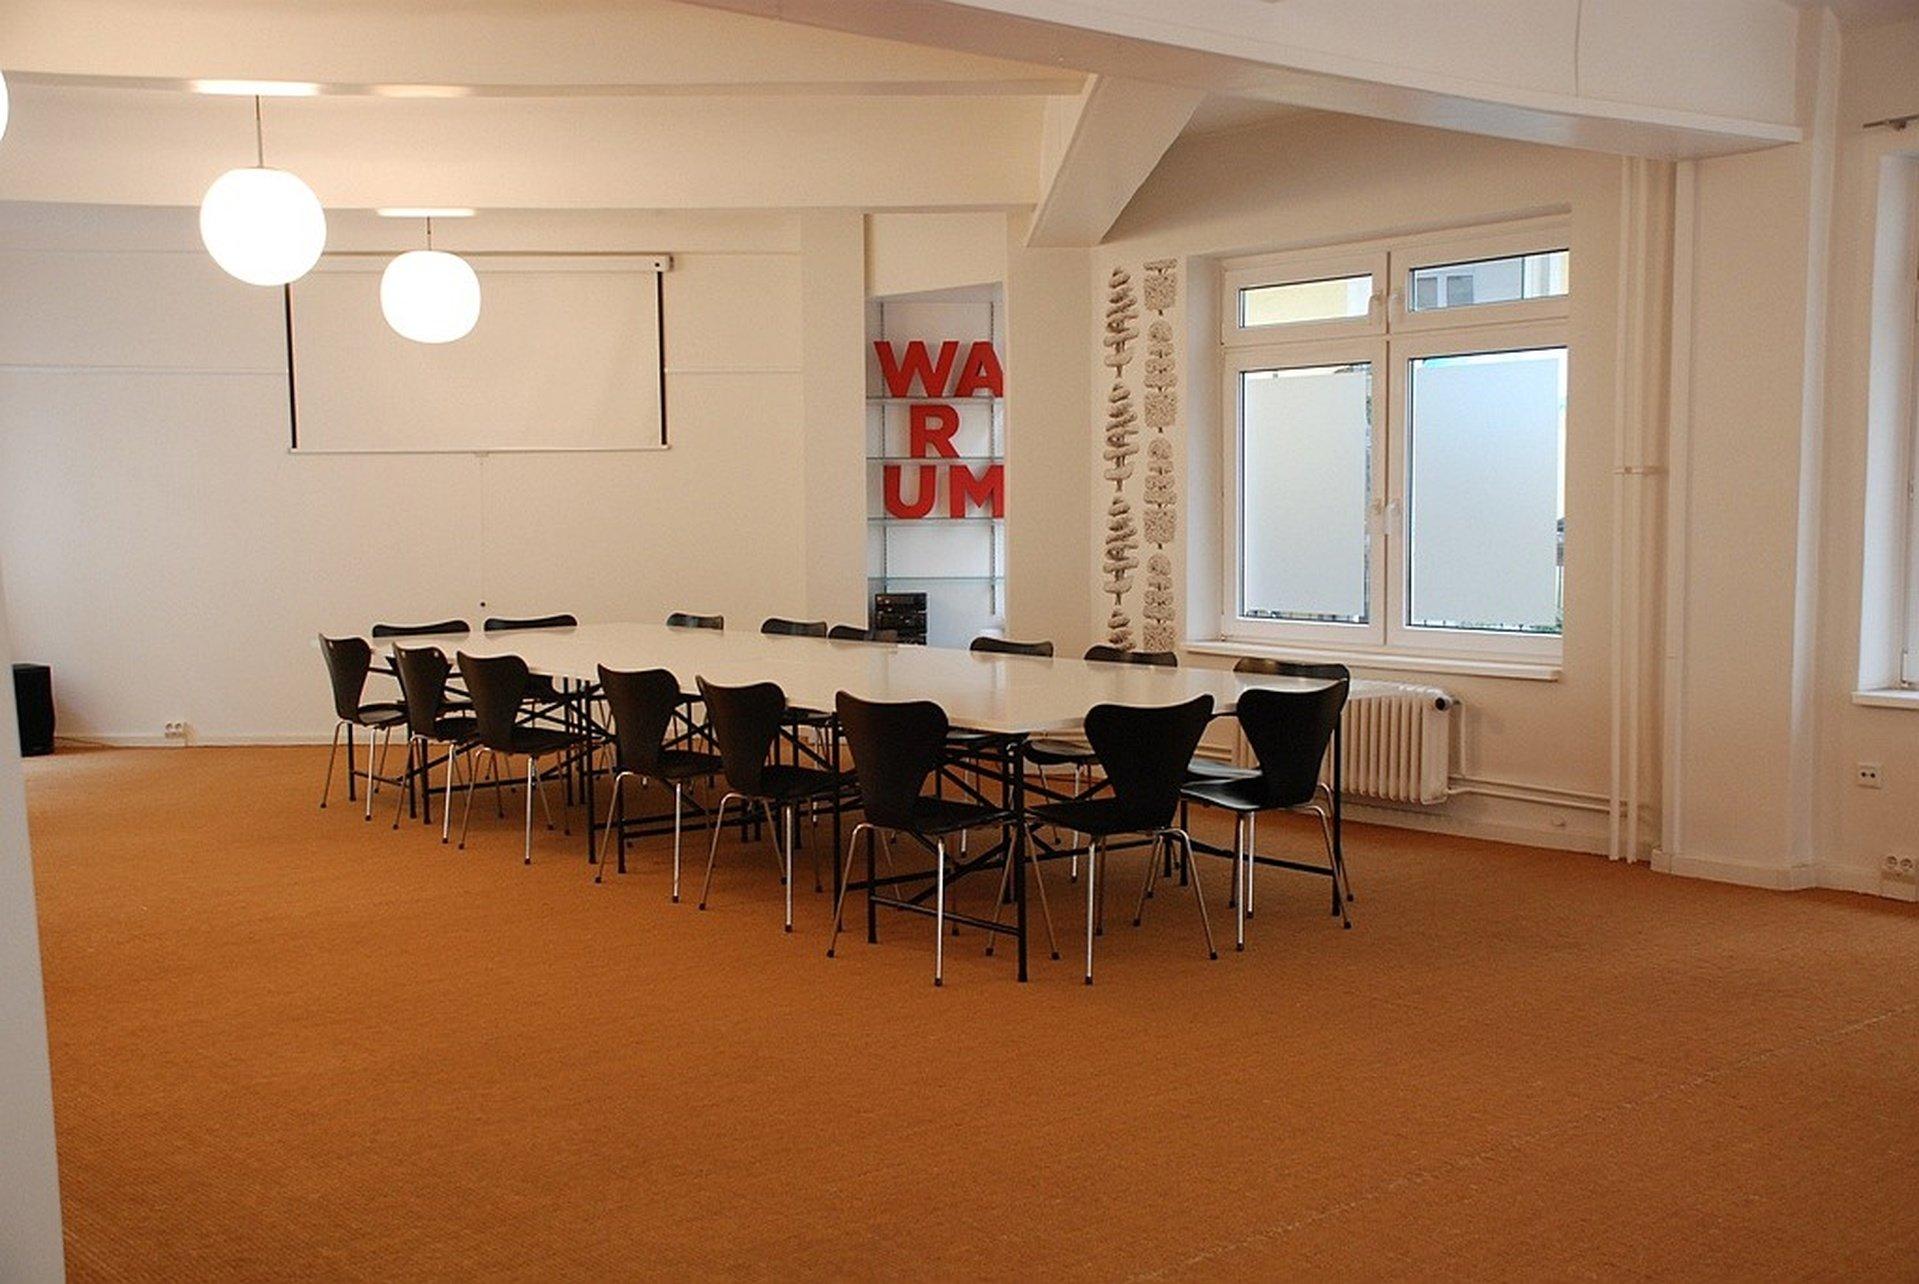 Hamburg workshop spaces Meeting room Pilatuspool image 0